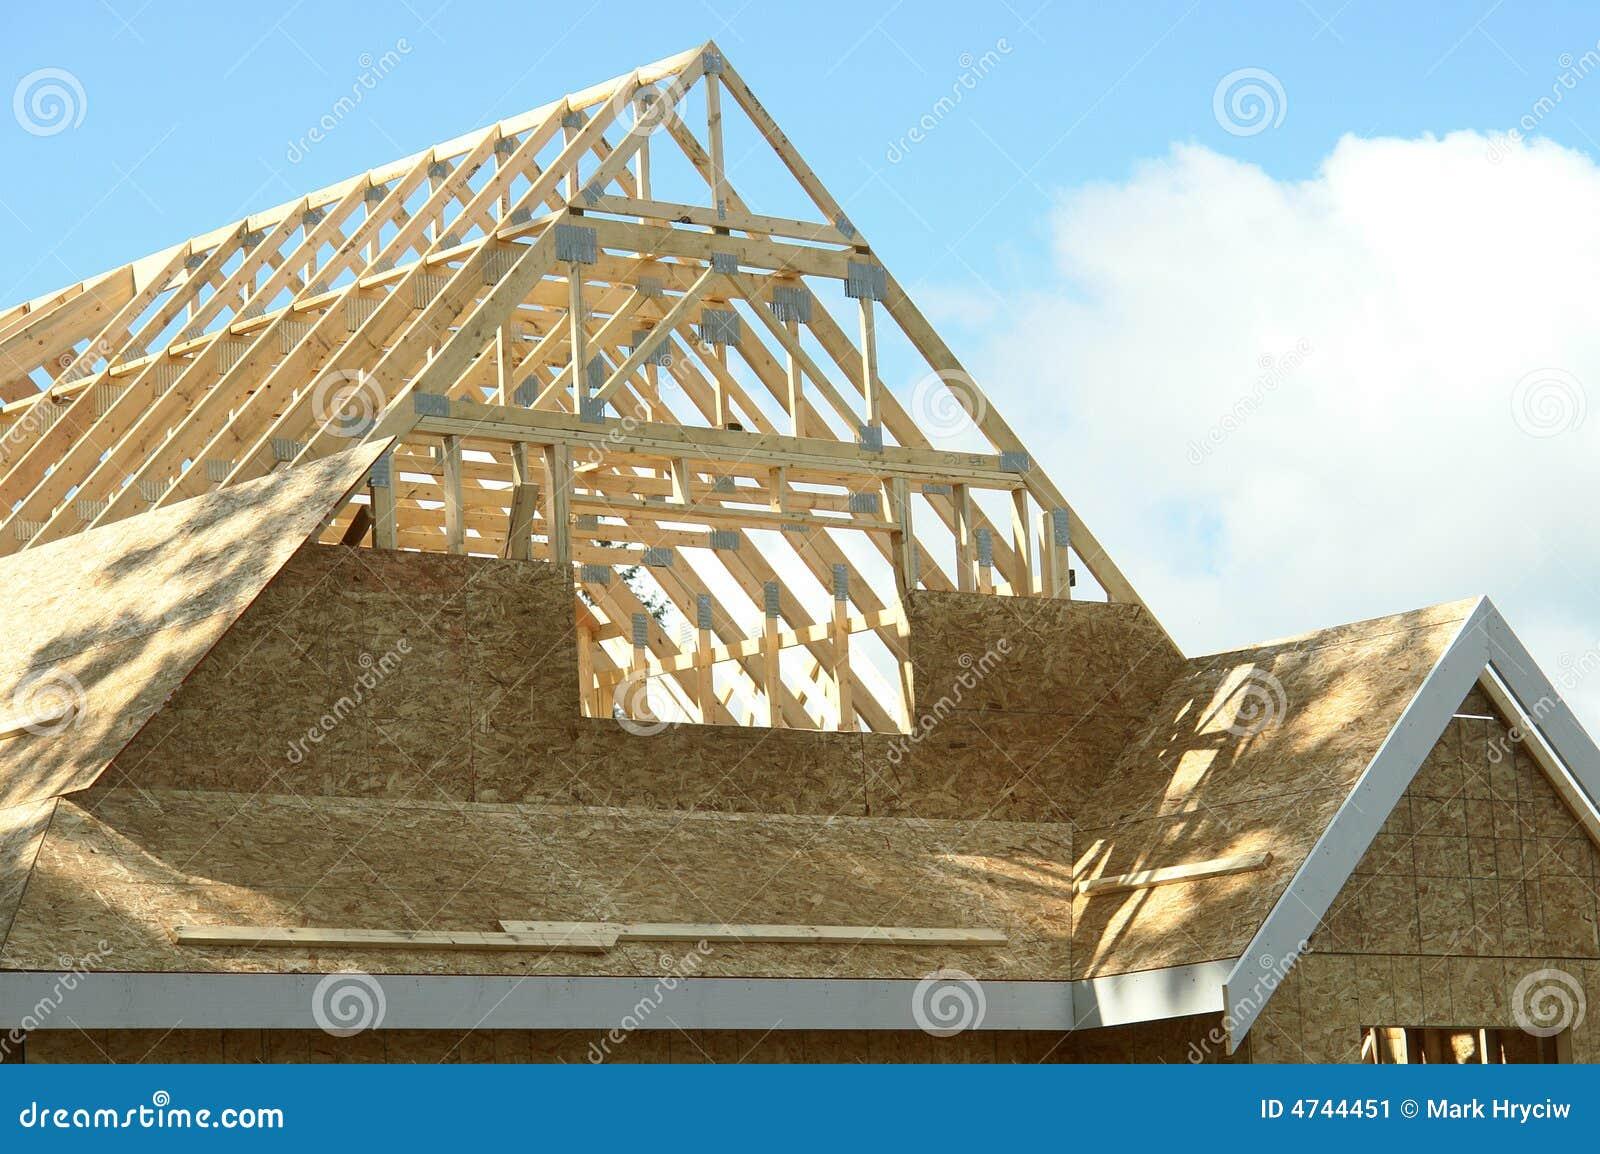 Nueva Construcción Casera De La Casa A.C. Imagen de archivo - Imagen ...